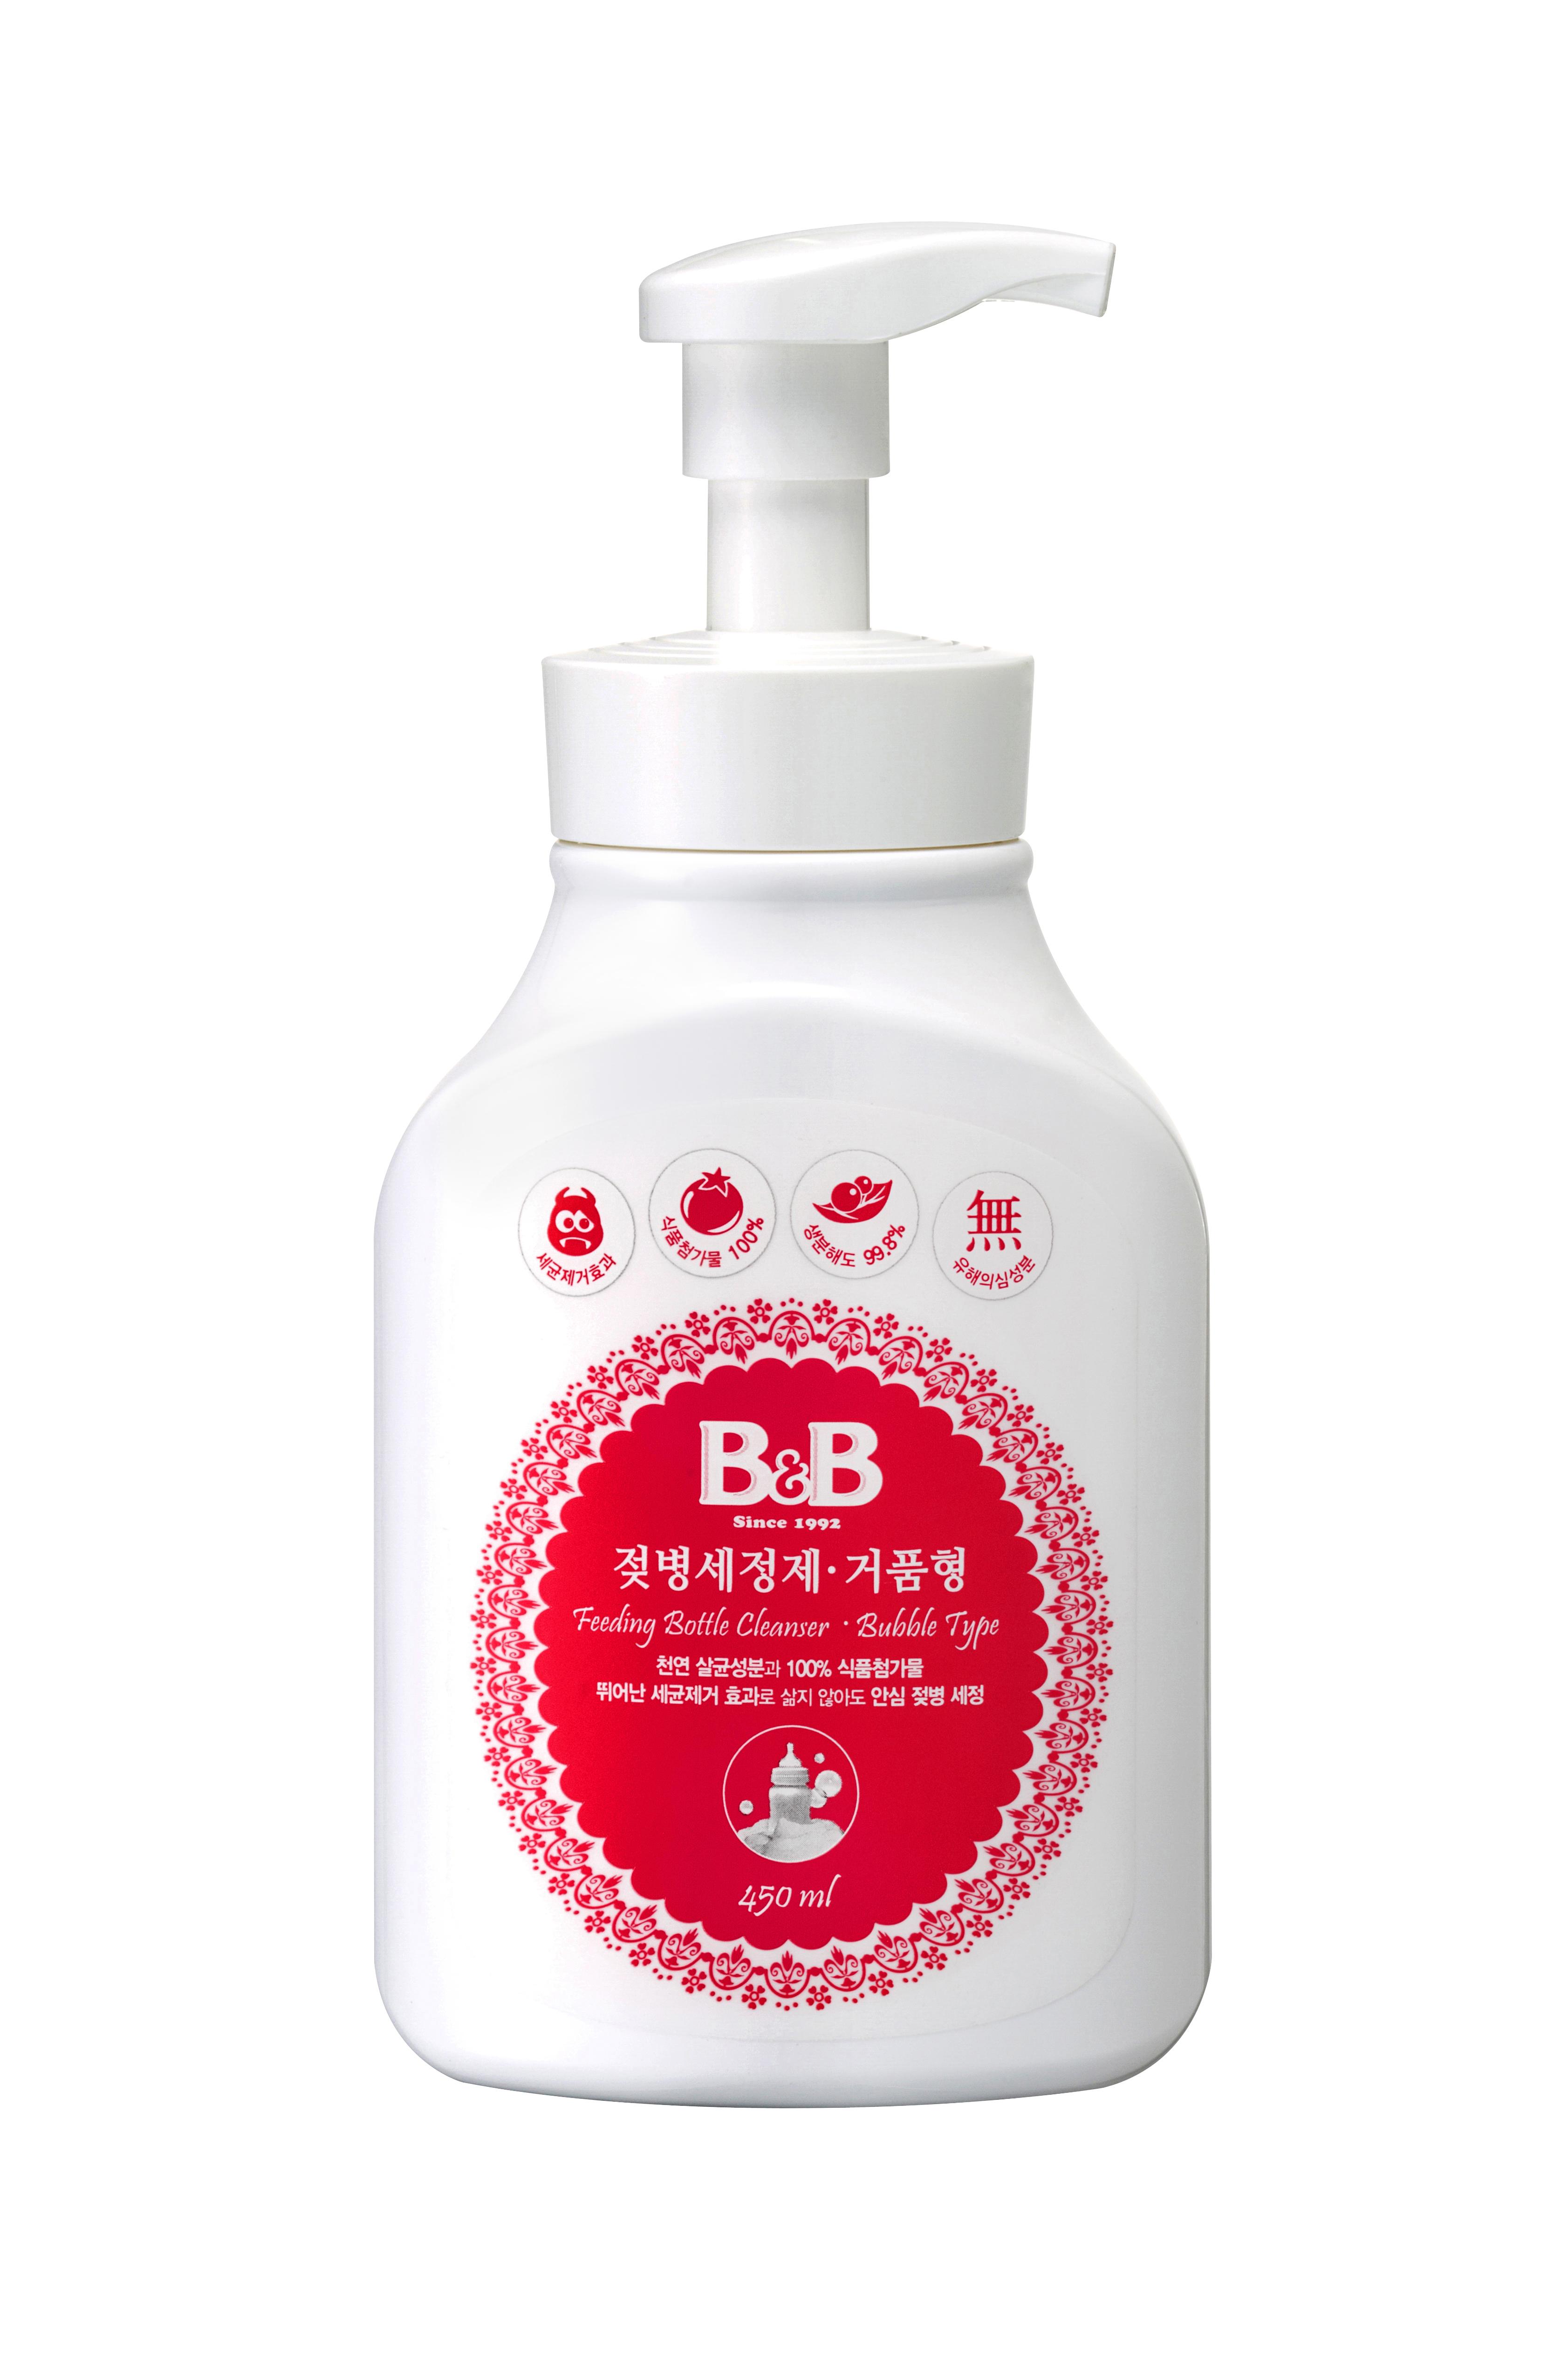 Feeding bottle cleanser bubble